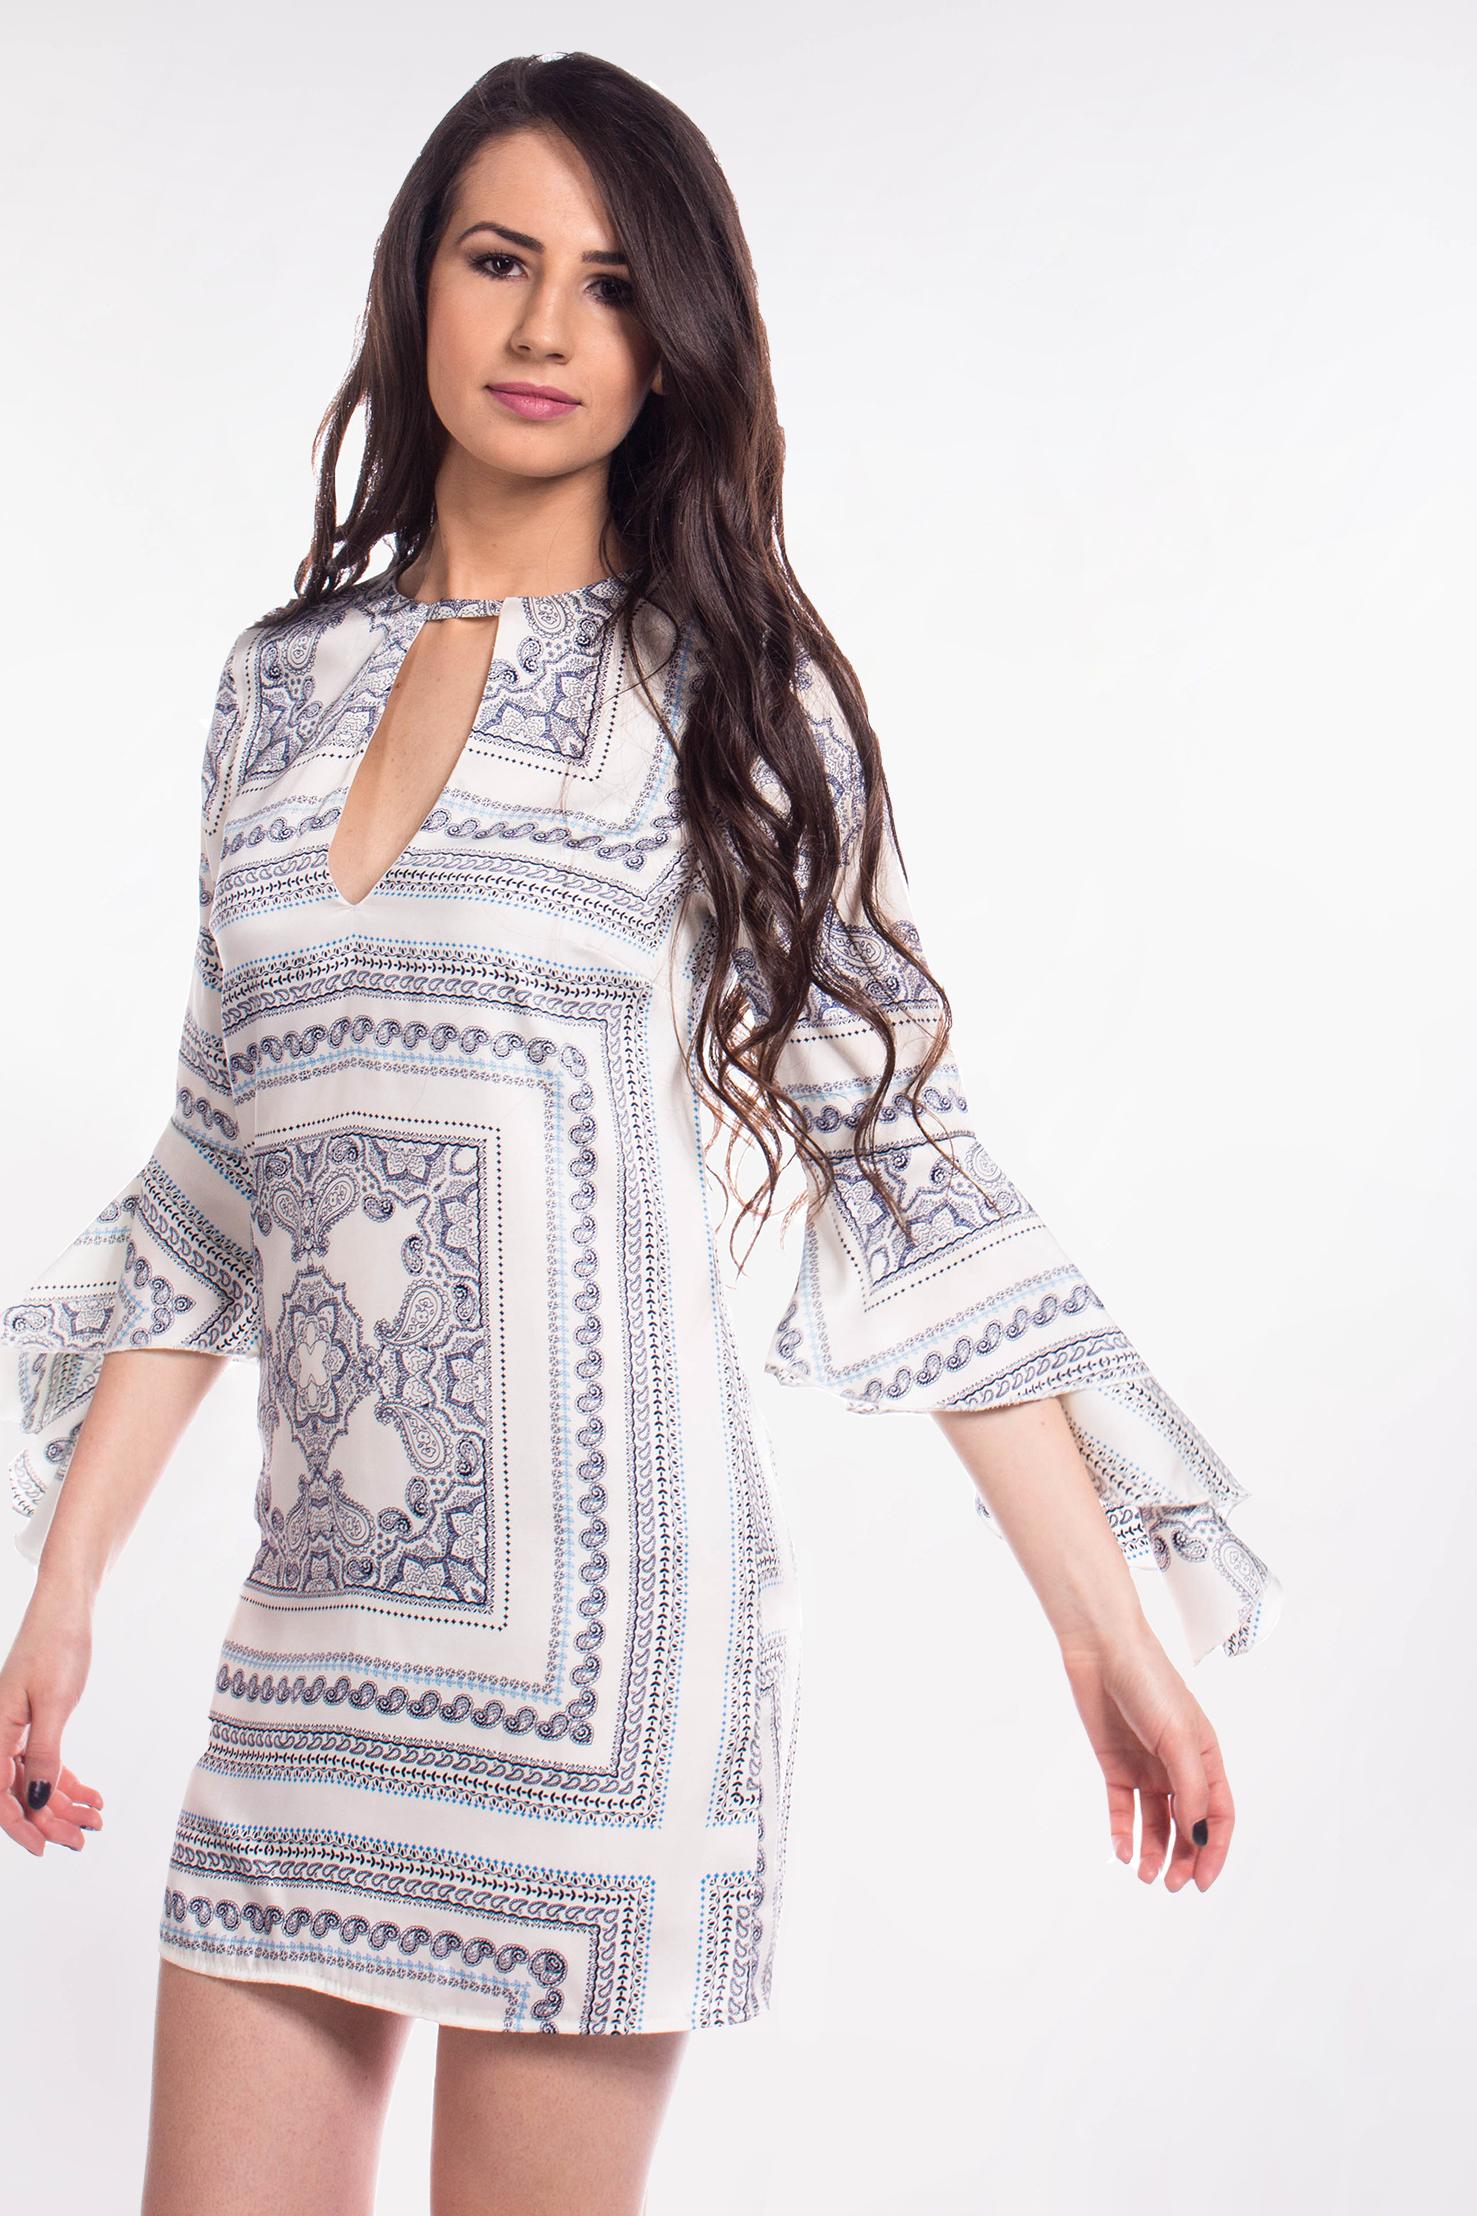 obrázok 1 Missguided šaty s volánovým rukávom 4de7c30a249